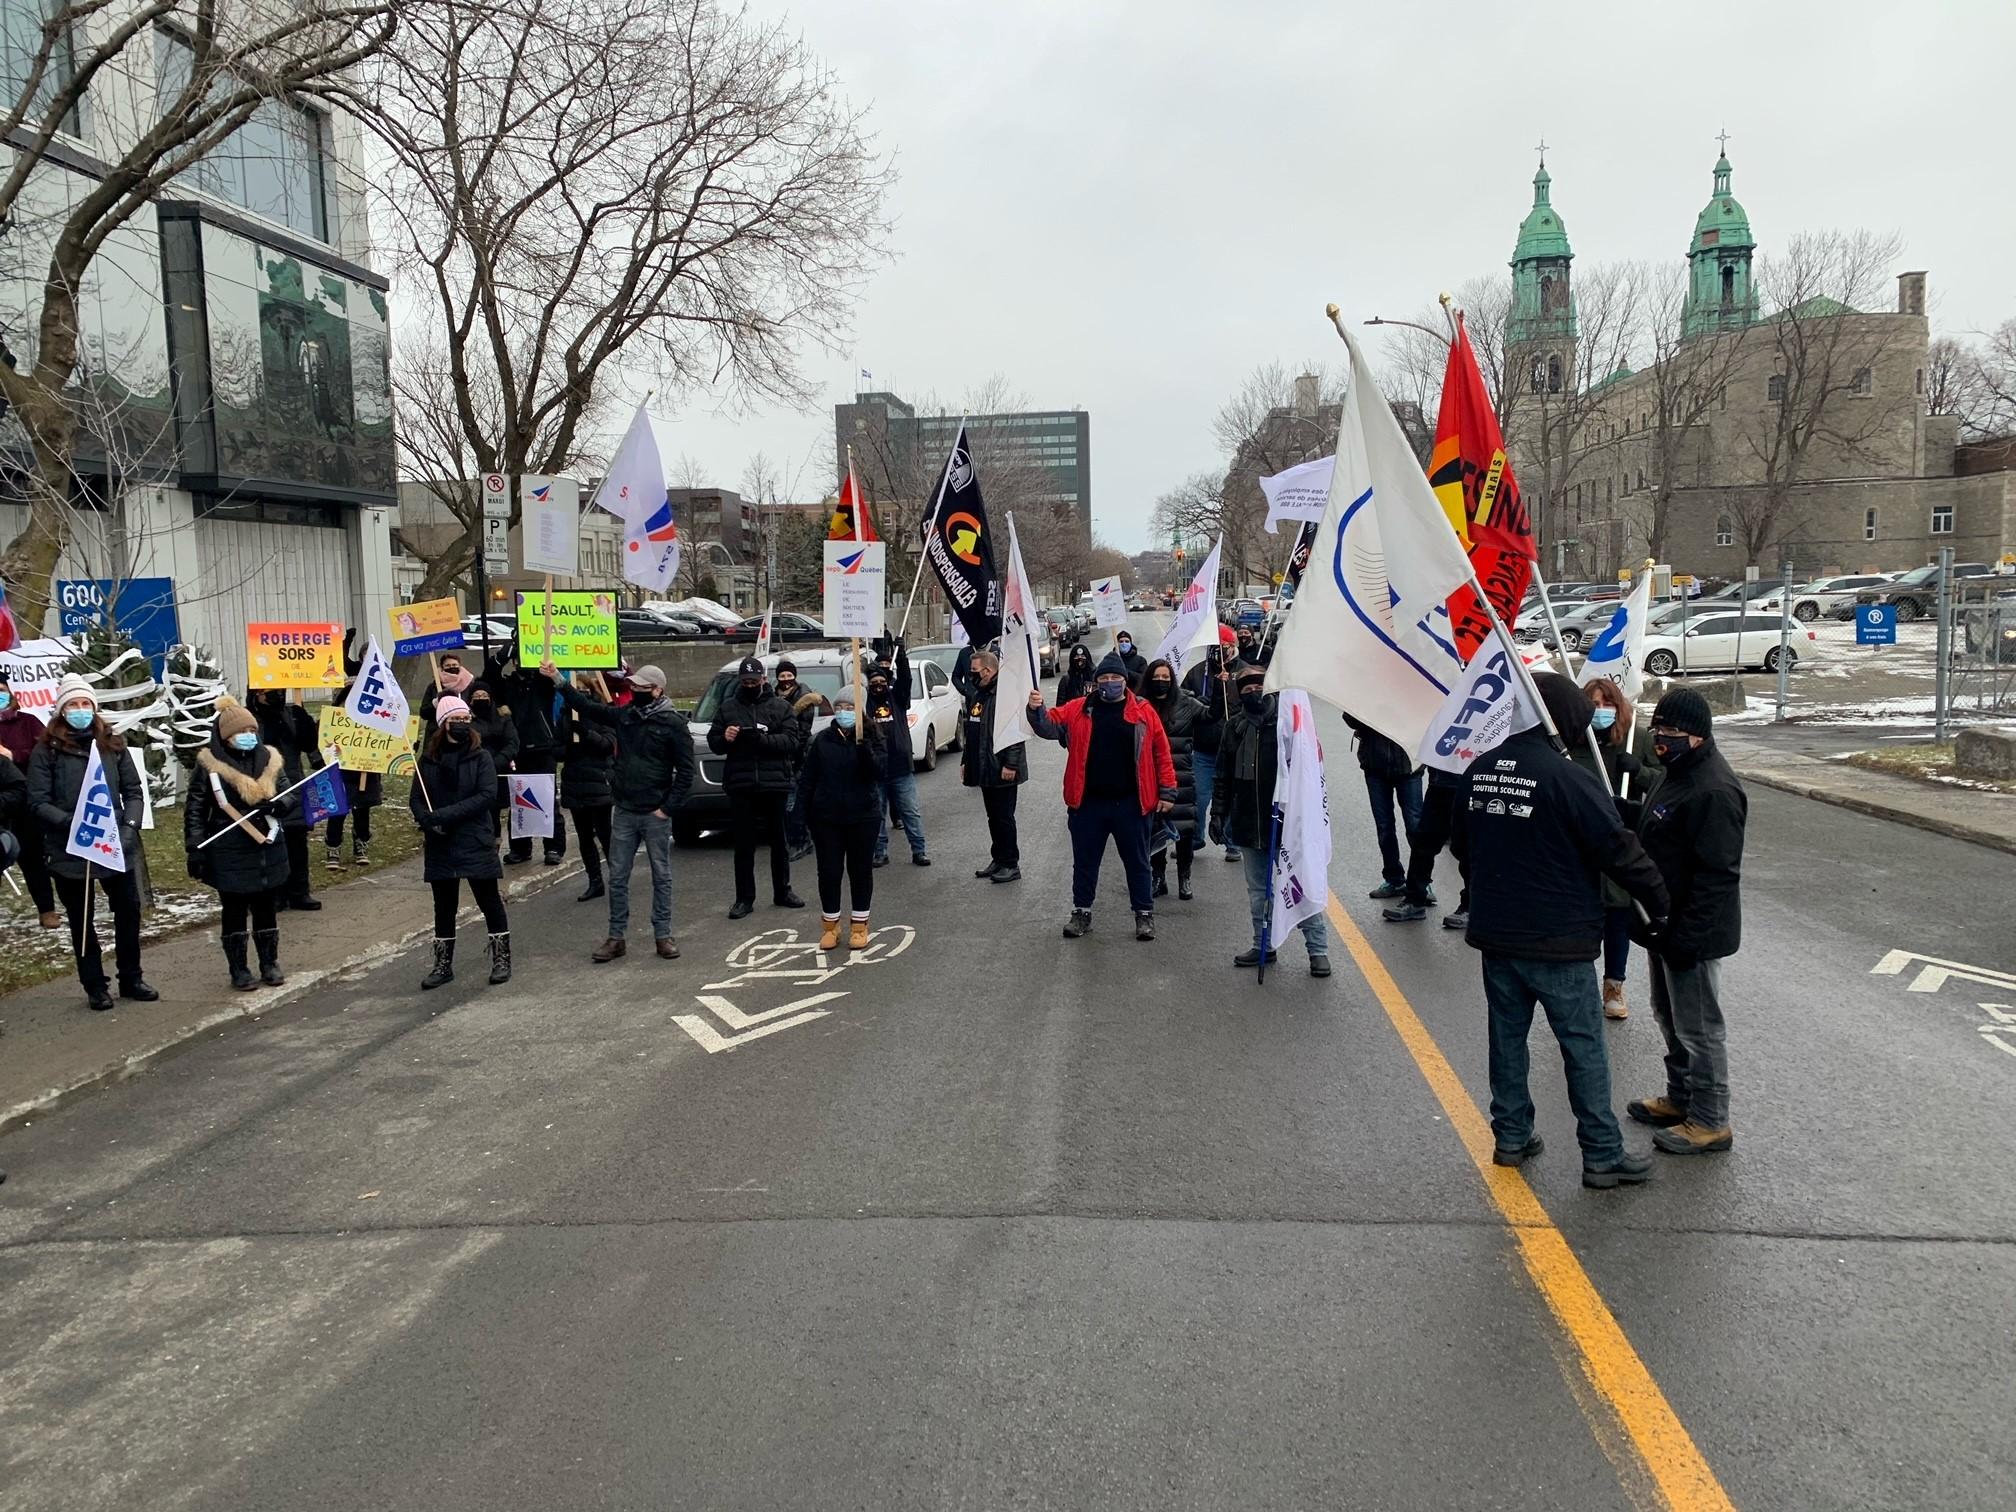 Le personnel de soutien du secteur de l'éducation manifeste devant les bureaux du ministère de l'Éducation à Montréal et à Québec